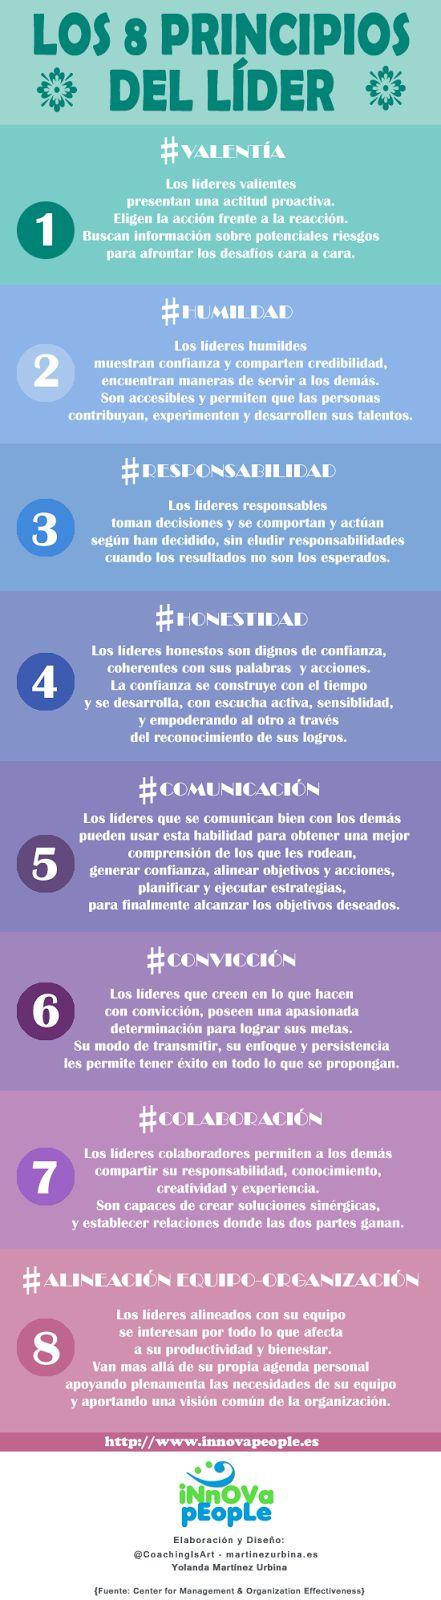 Los 8 principios de un líder. #infografia #infographic